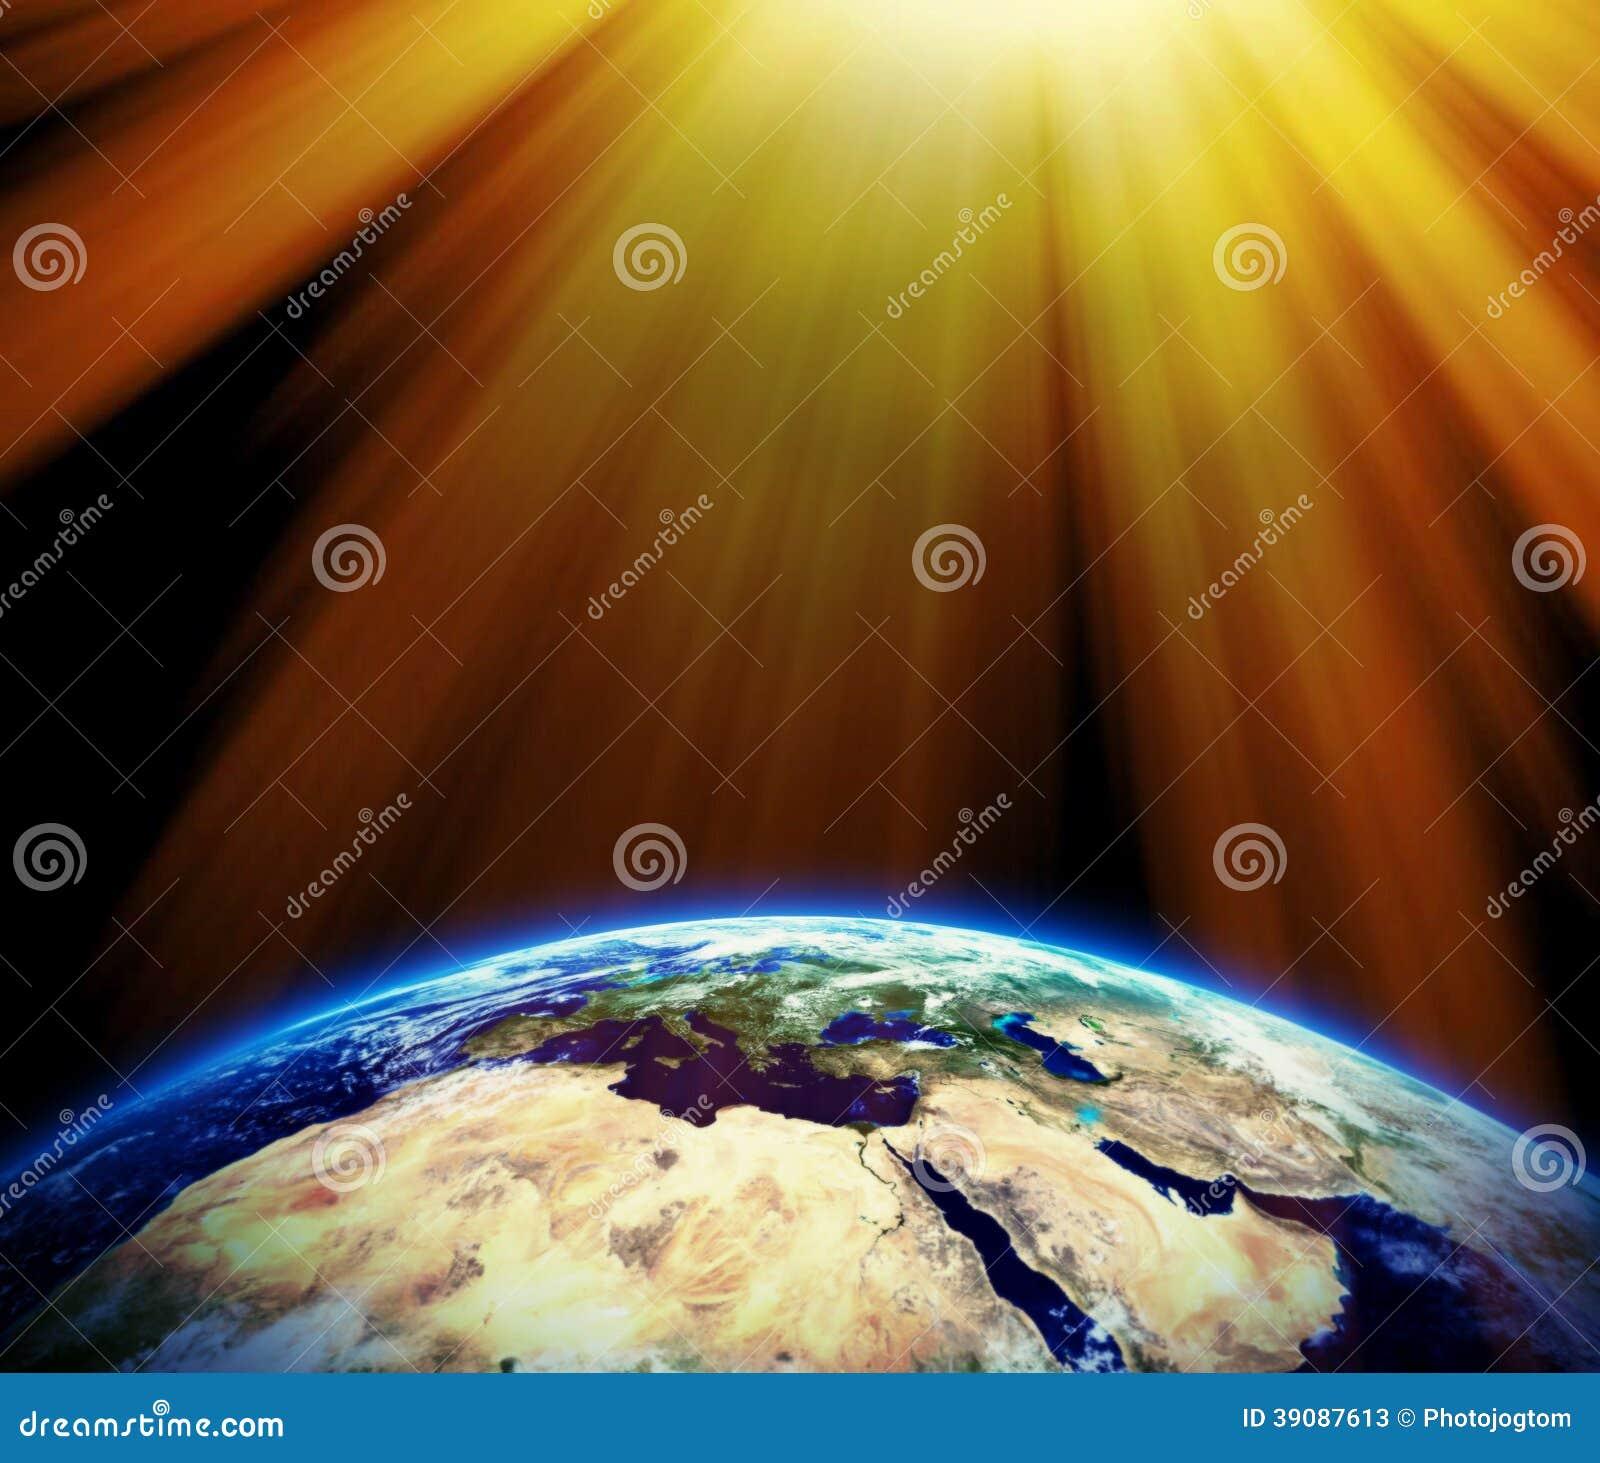 sun rays on earth